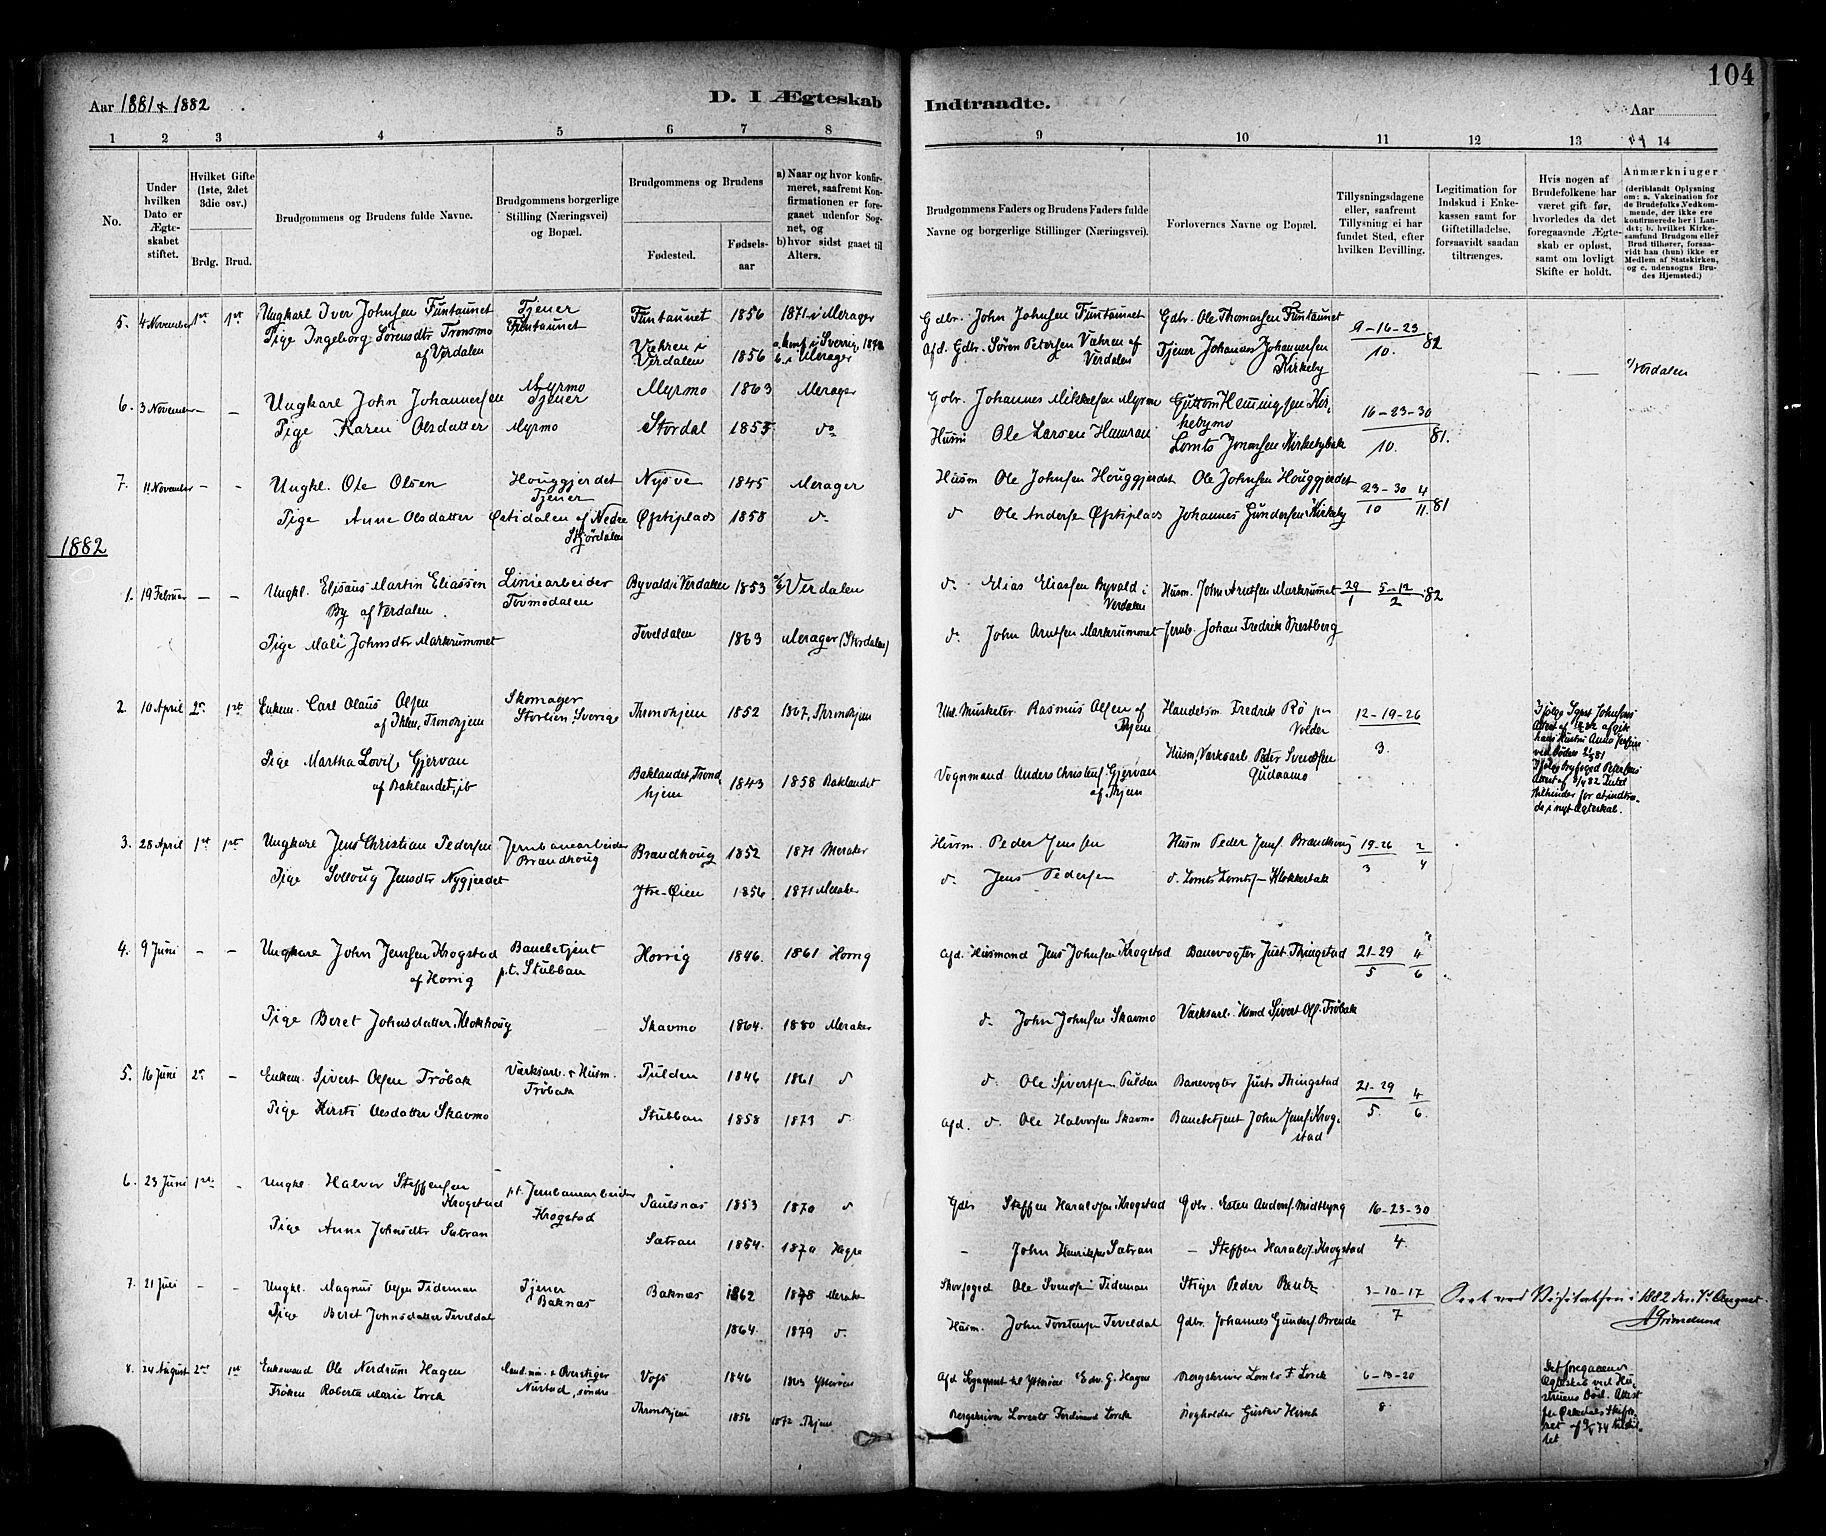 SAT, Ministerialprotokoller, klokkerbøker og fødselsregistre - Nord-Trøndelag, 706/L0047: Ministerialbok nr. 706A03, 1878-1892, s. 104